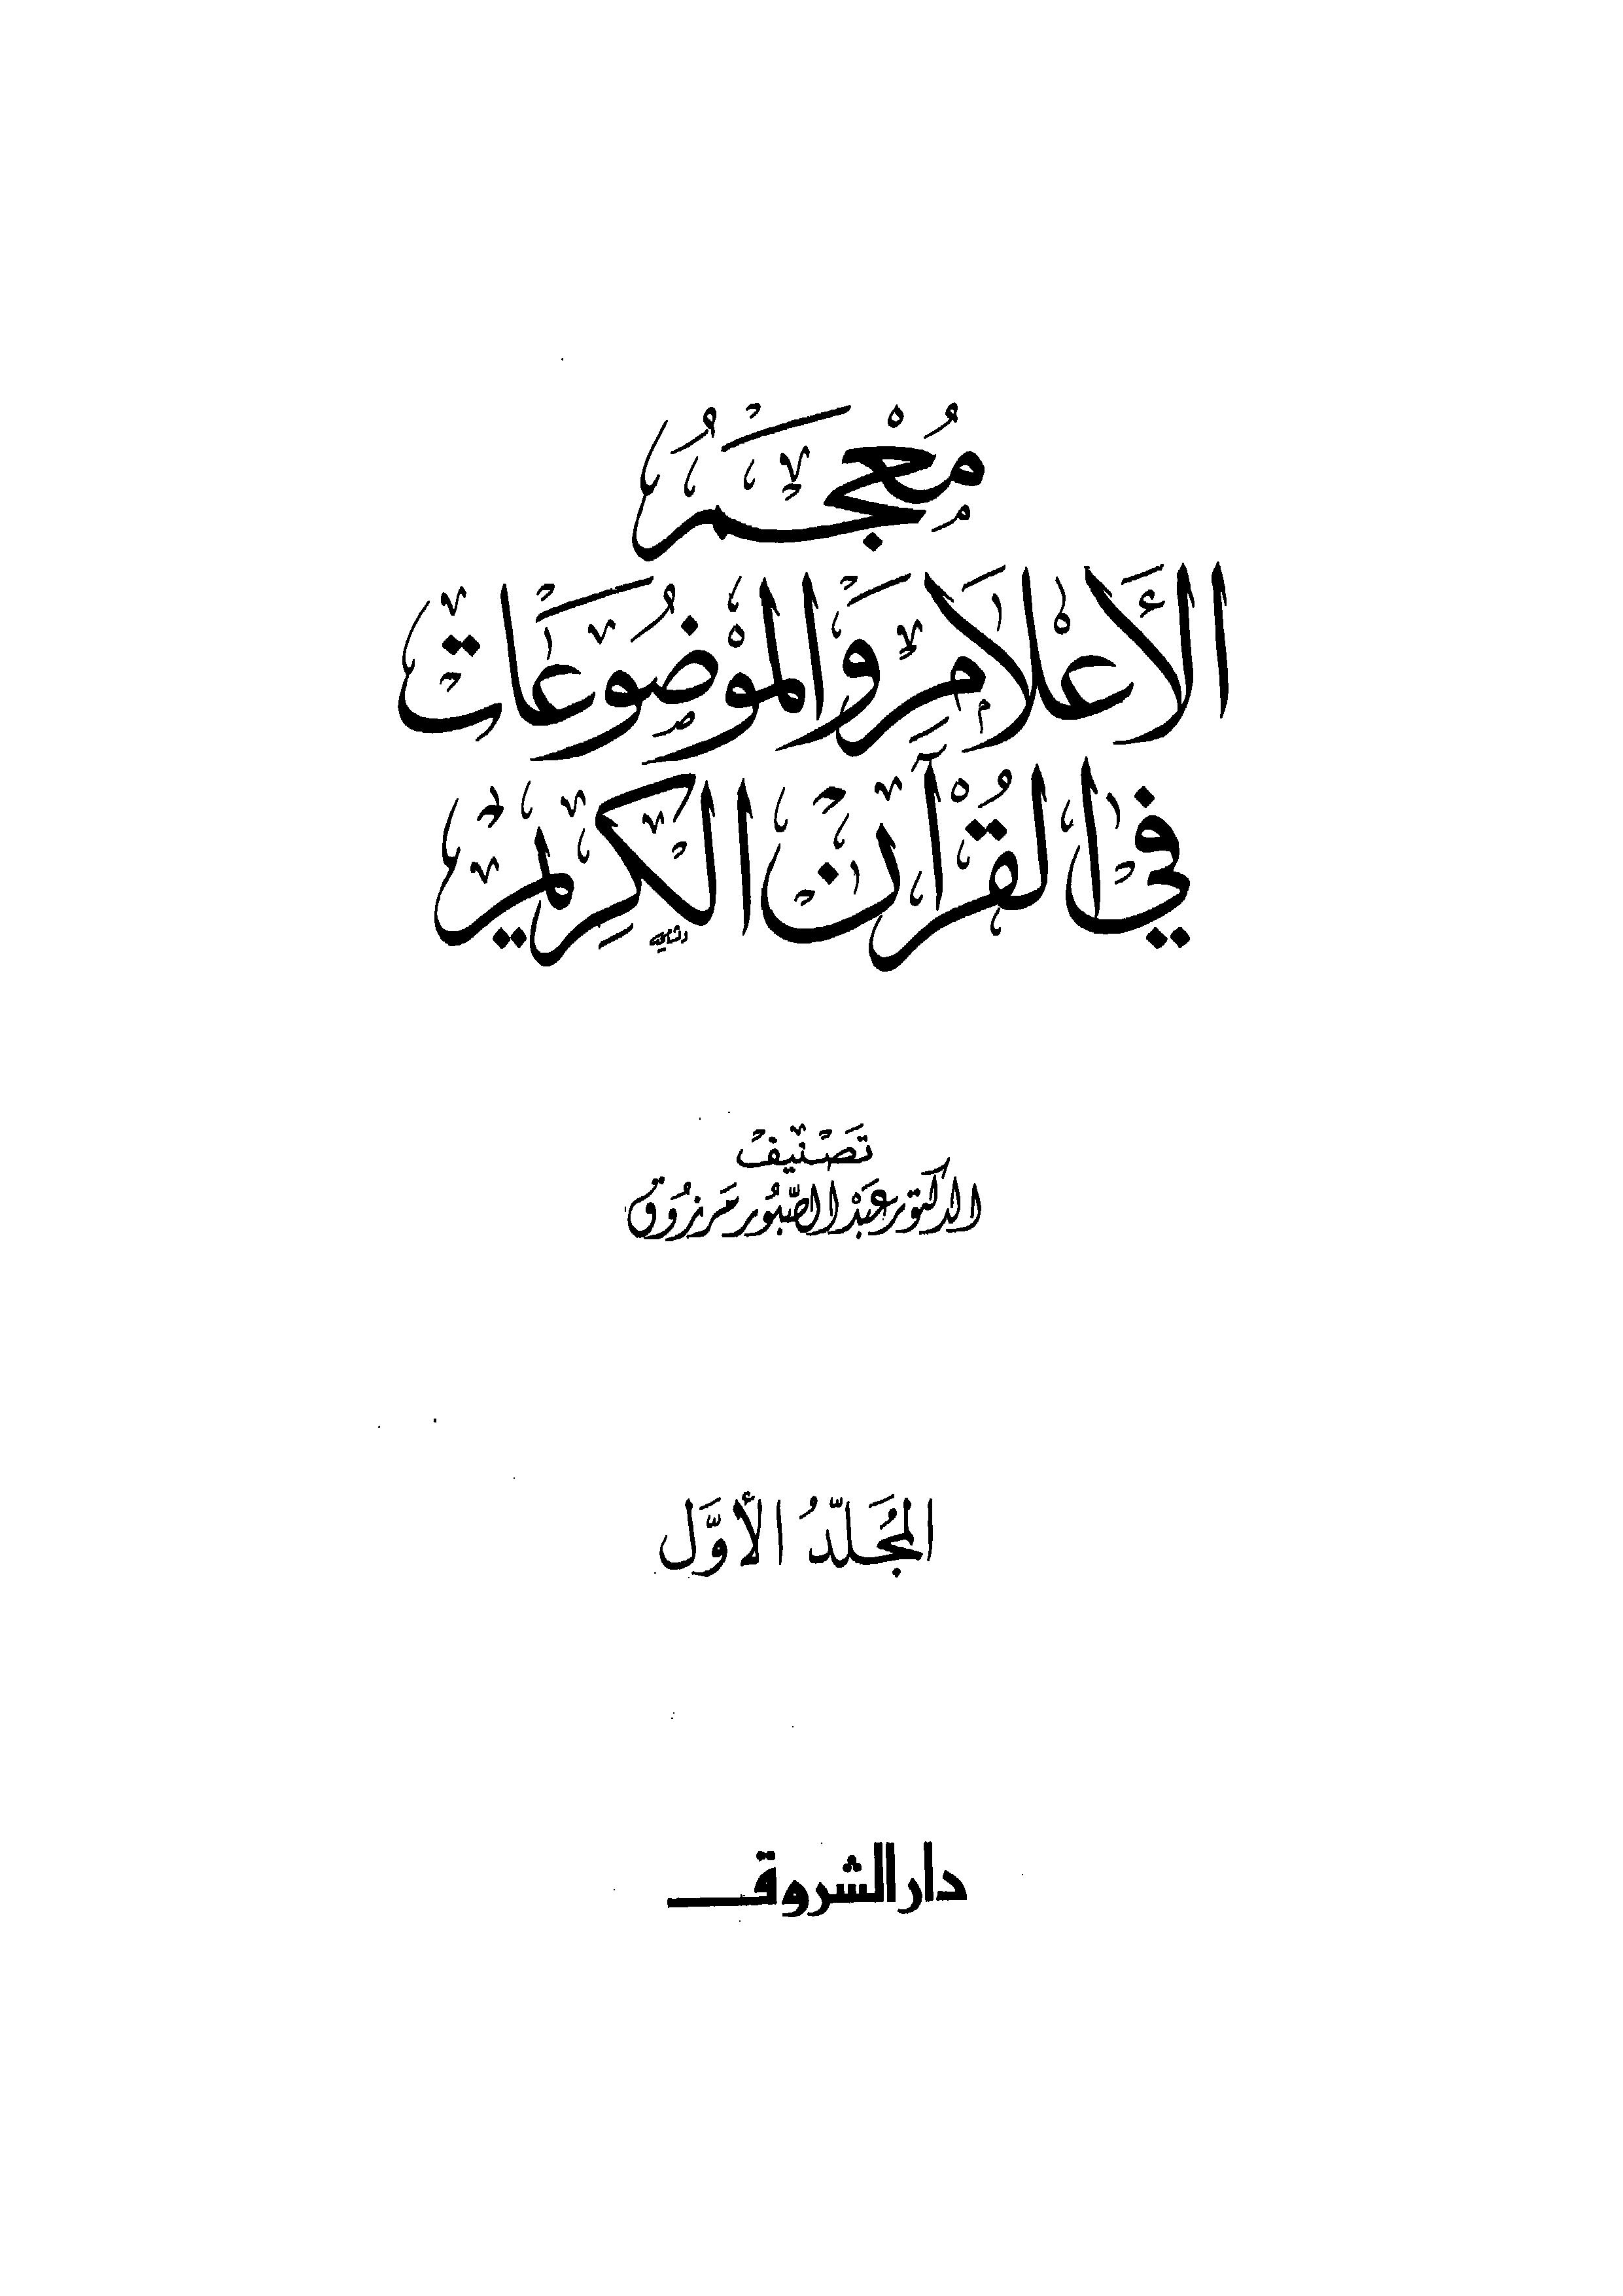 تحميل كتاب معجم الأعلام والموضوعات في القرآن الكريم لـِ: الدكتور عبد الصبور مرزوق (ت 1429)